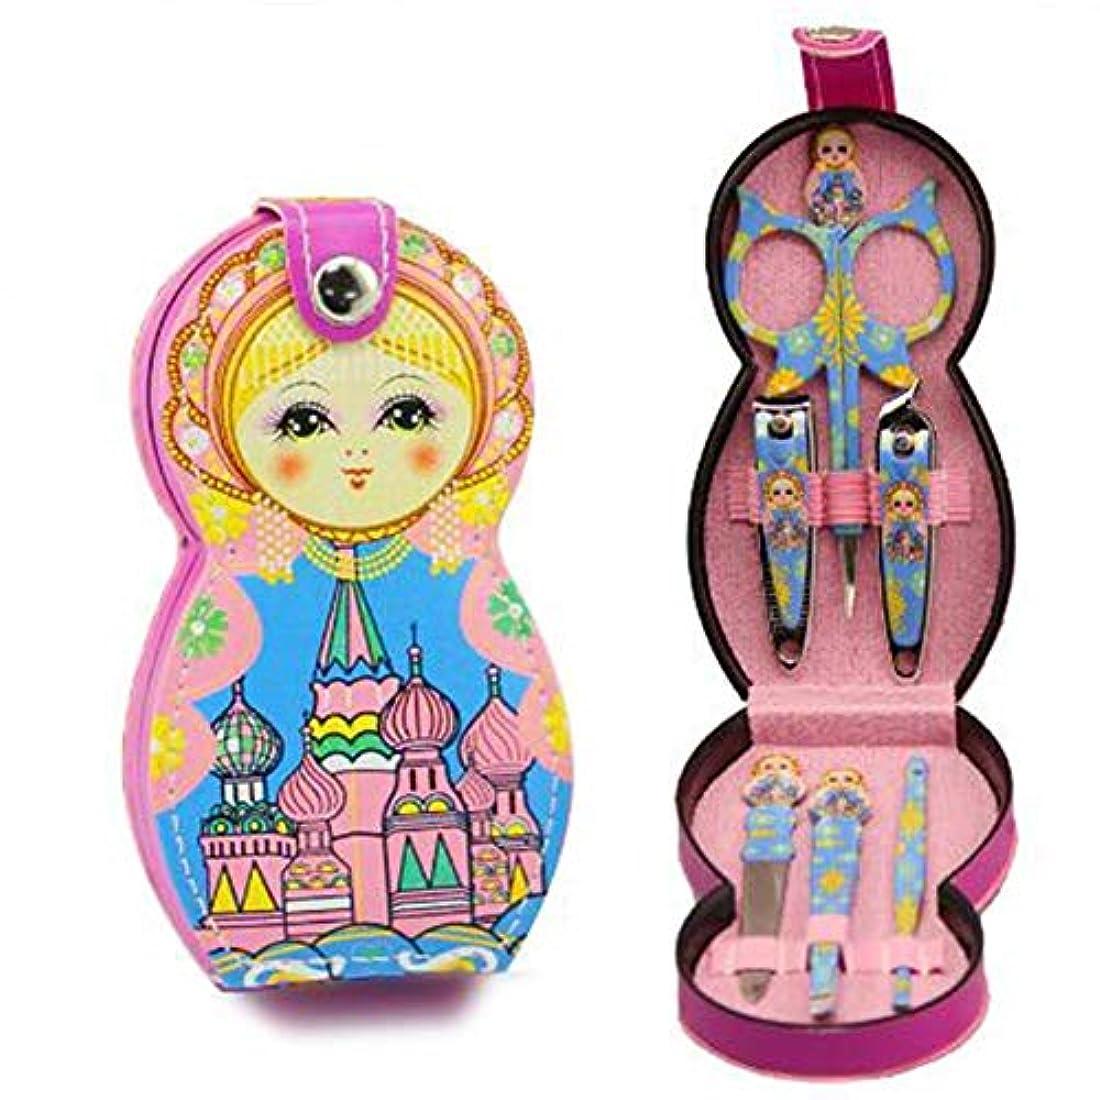 取り壊す起こりやすいひばり爪切りセット 可愛い ロシア人形 ネイルケアセット マニキュアセット 職人技 滑らかな線 ステンレス鋼 耐用 ポータブル 携帯便利 収納ケース付き 6色はランダムで1色のみ